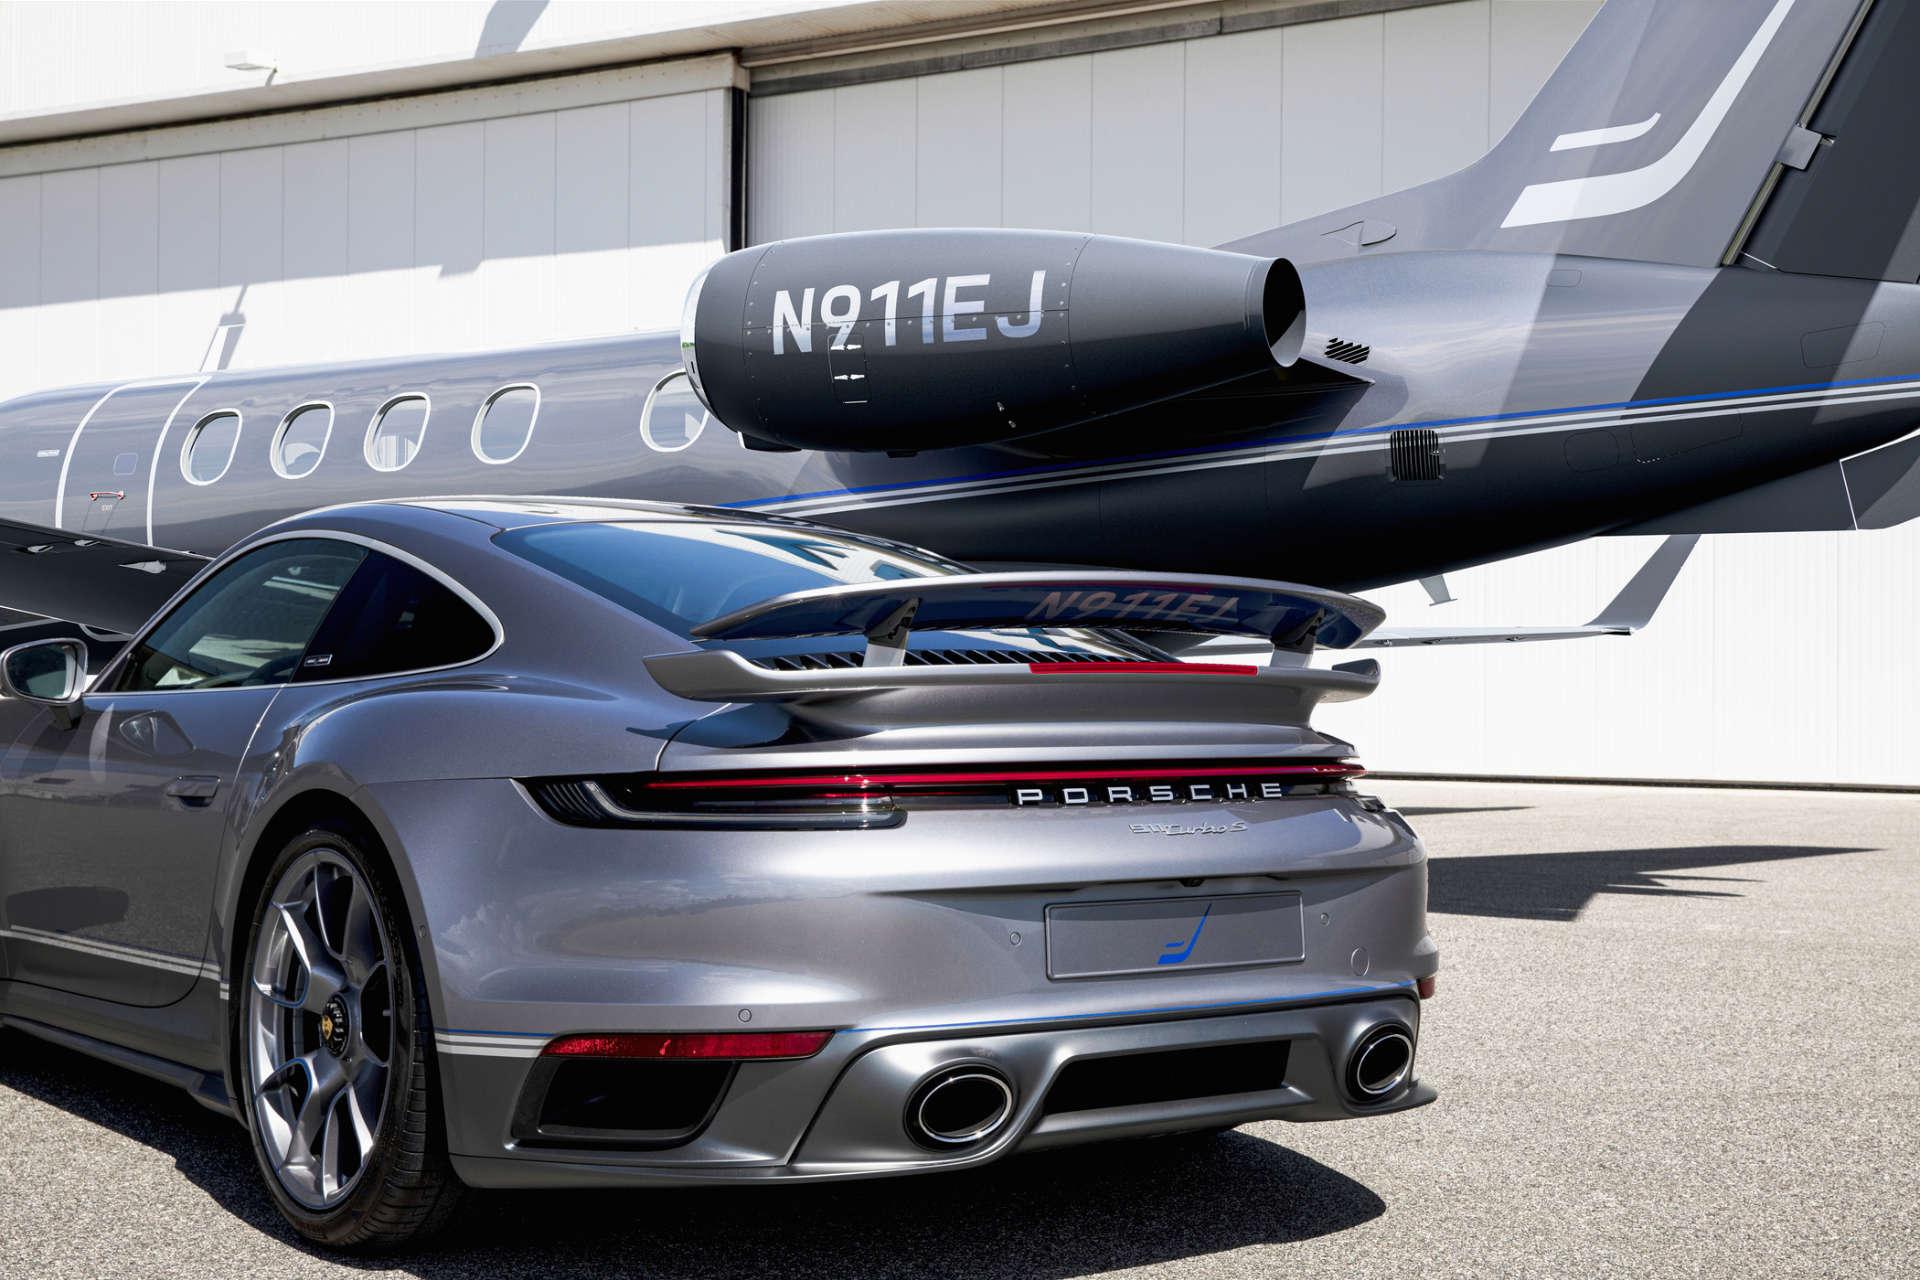 Embraer Porsche 911 Turbo